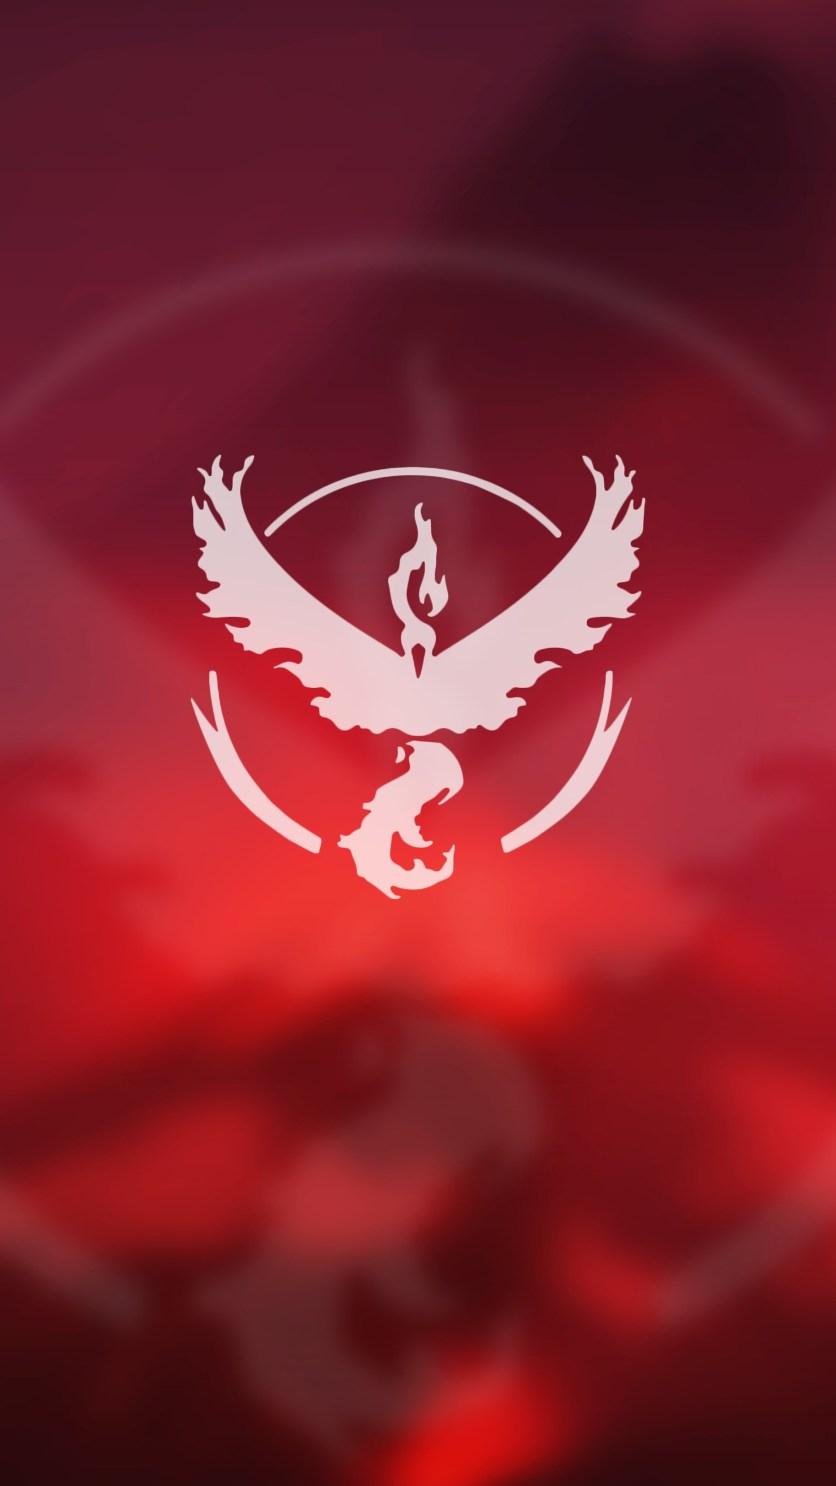 Pokemon_go_red_wallpapers.jpg